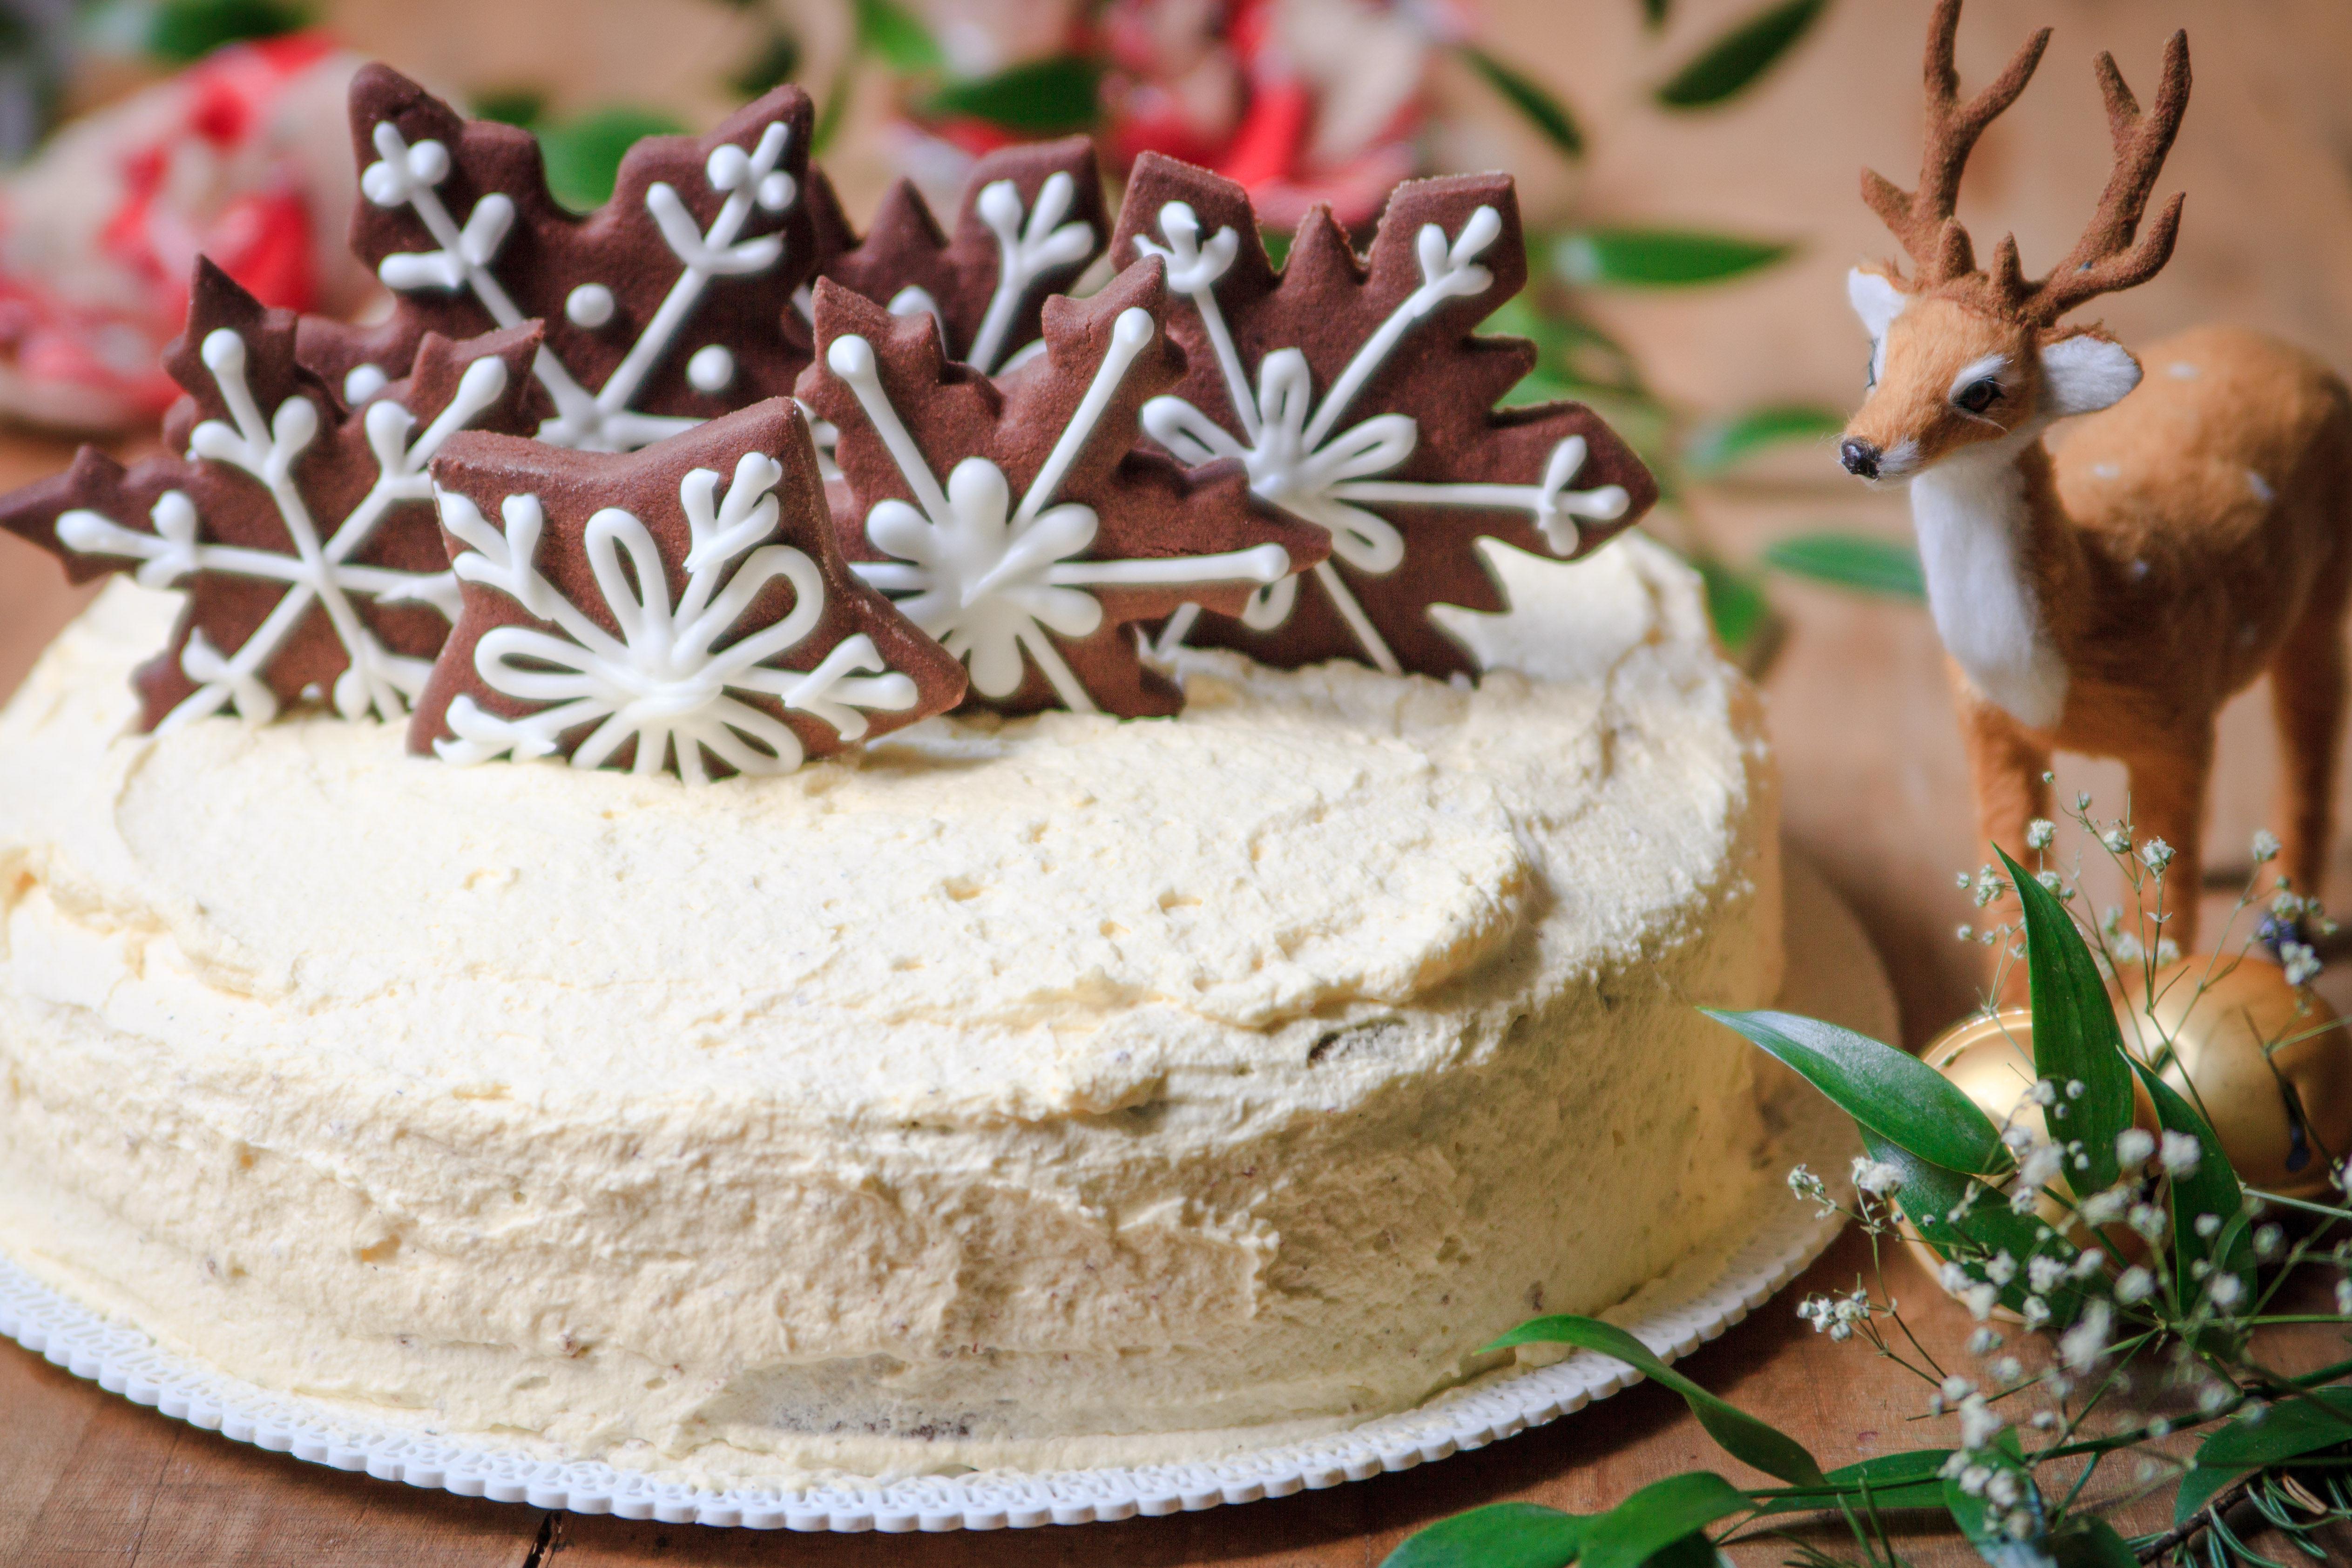 Torta con crema chantilly e fiocchi di neve